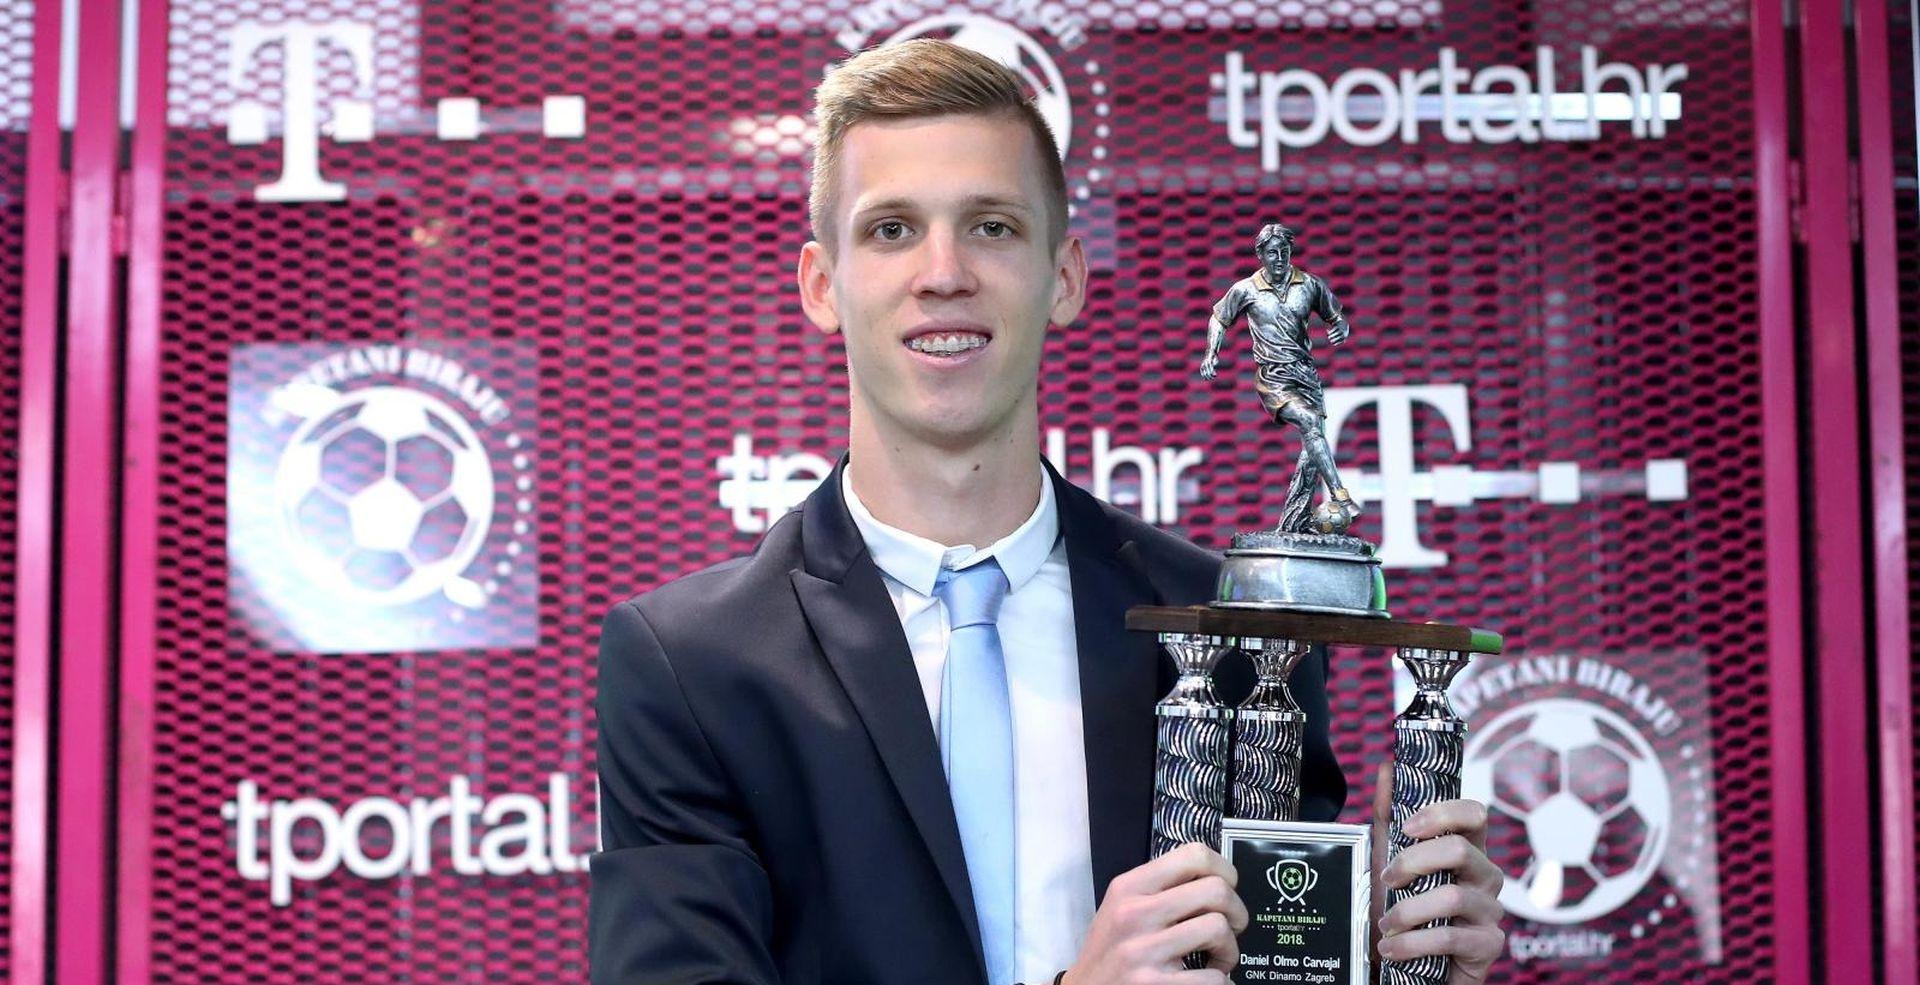 Dani Olmo najbolji nogometaš godine u anketi tportala